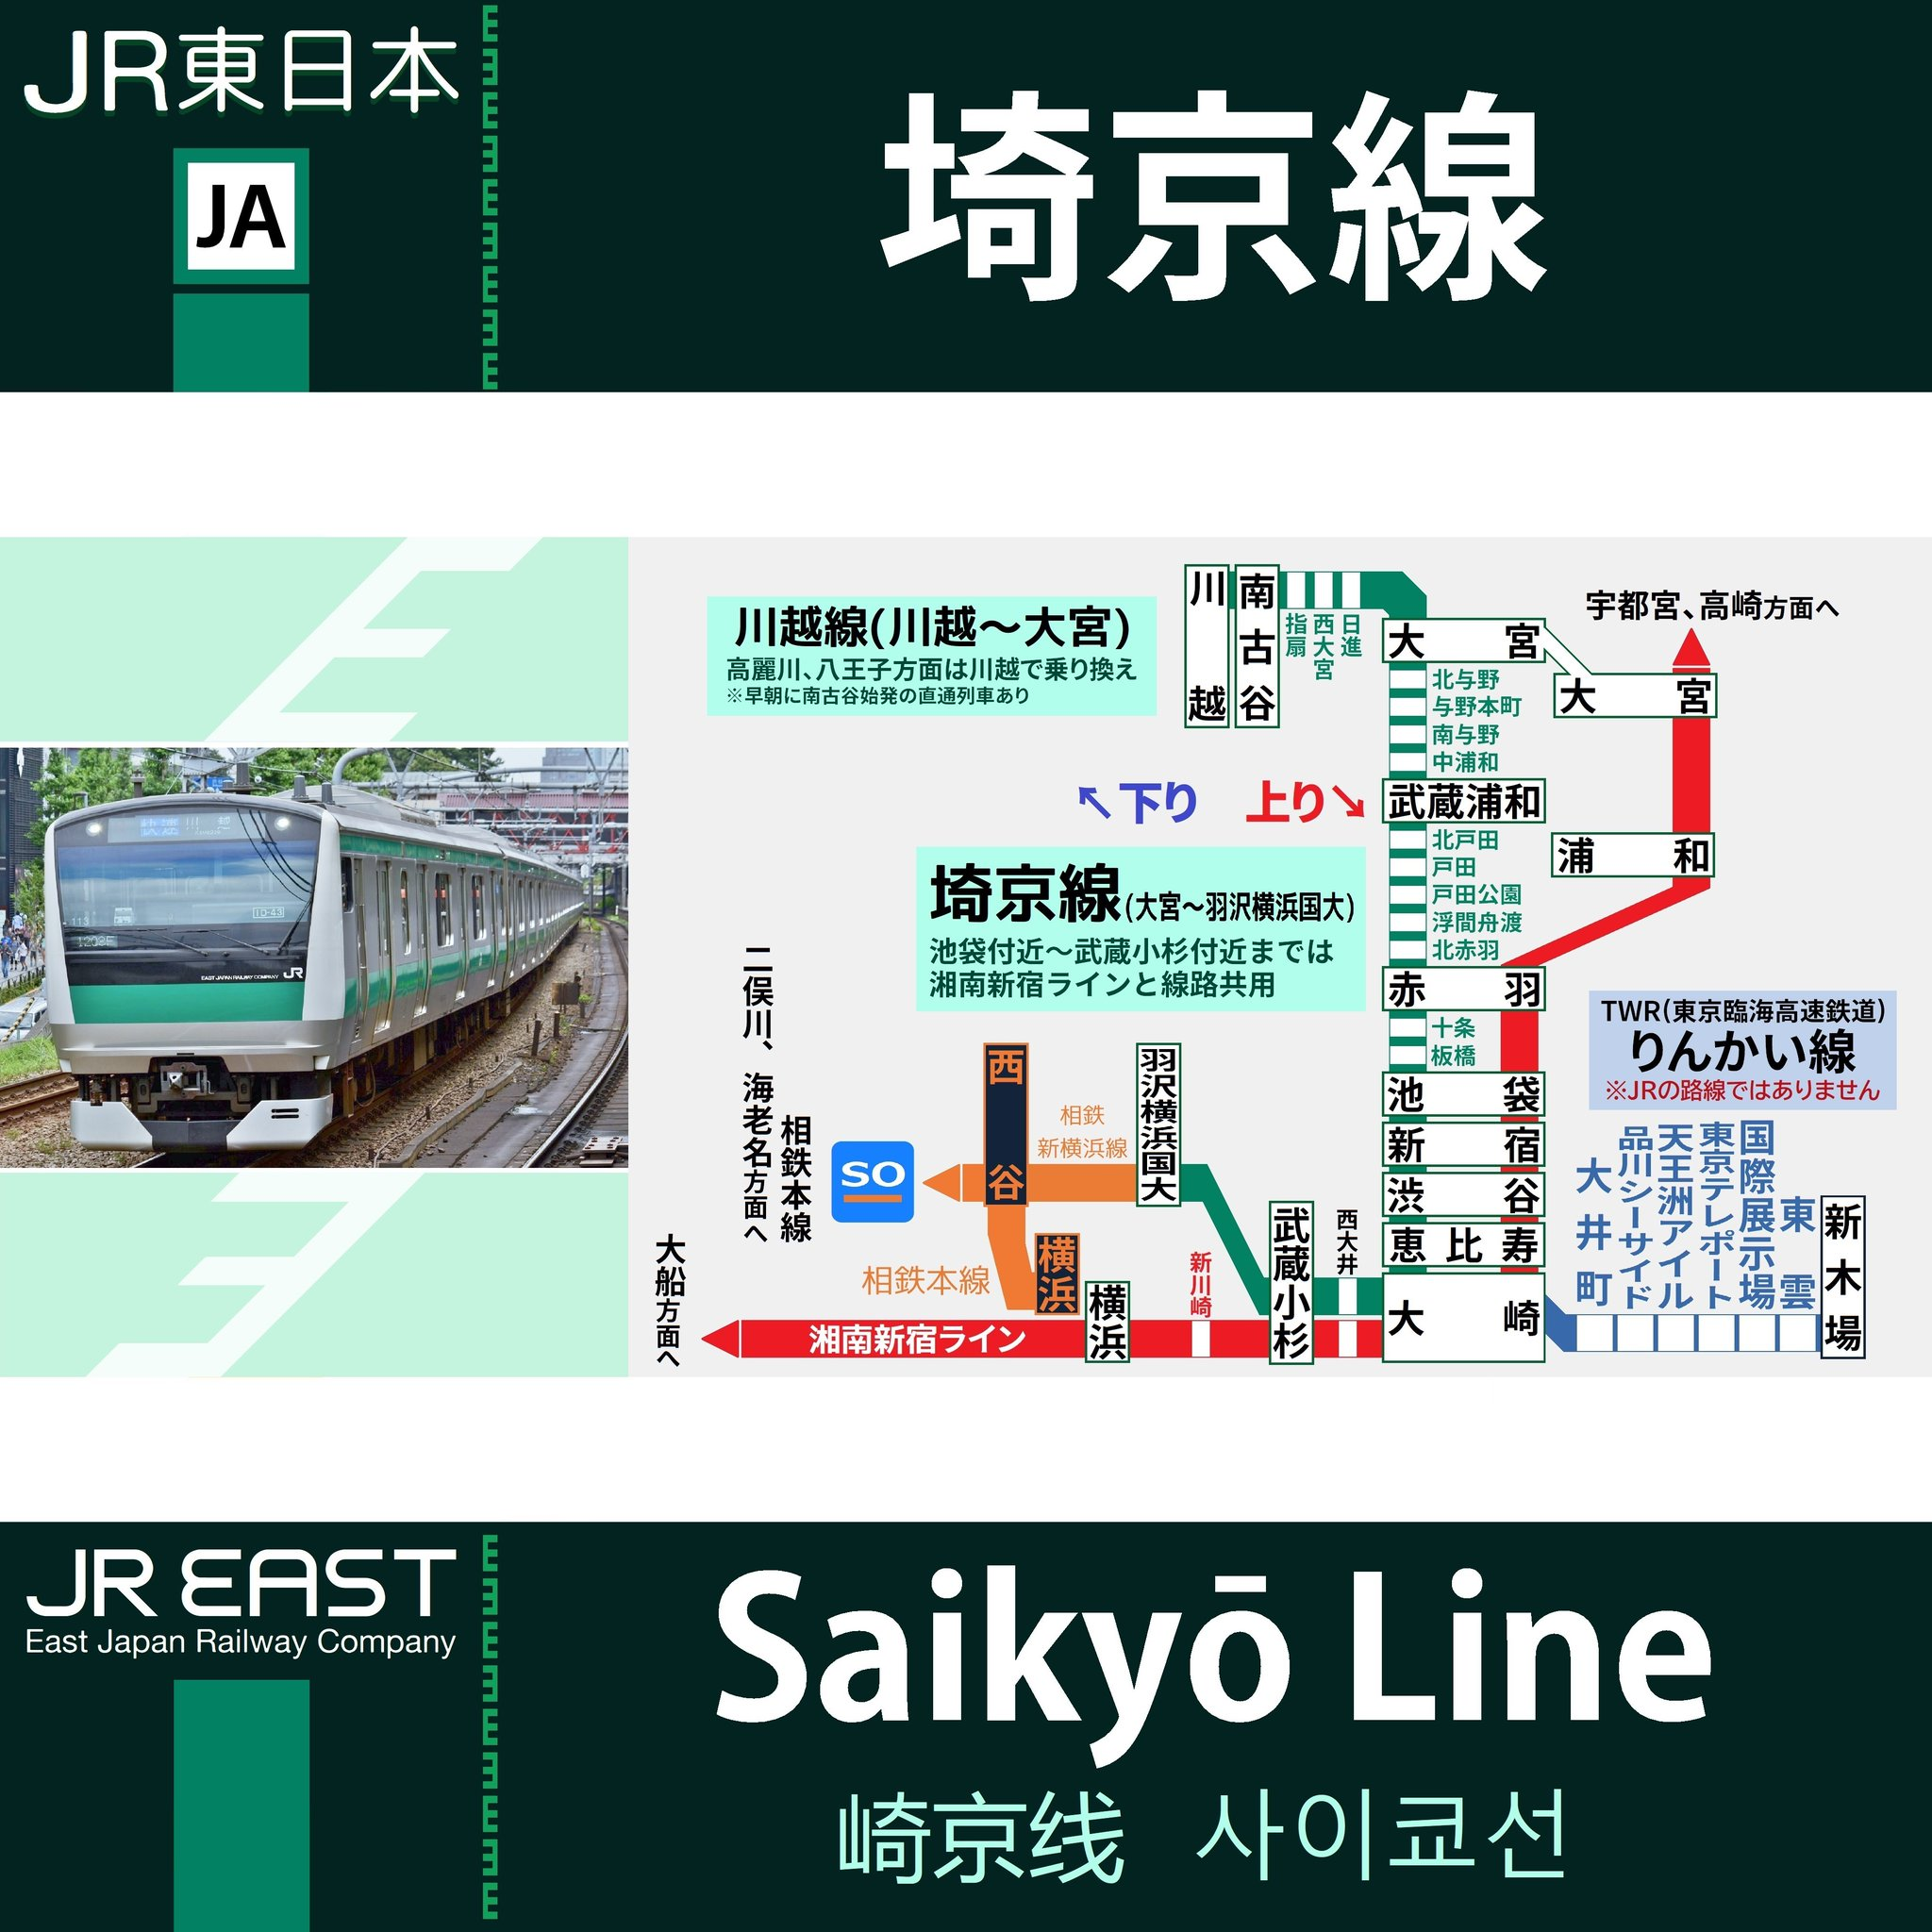 画像,◆埼京線❌運転見合わせ《8:13現在》7:55頃、赤羽駅で車両に人が接触のため、大宮~大崎駅間の運転を見合わせています https://t.co/tIEEFux…